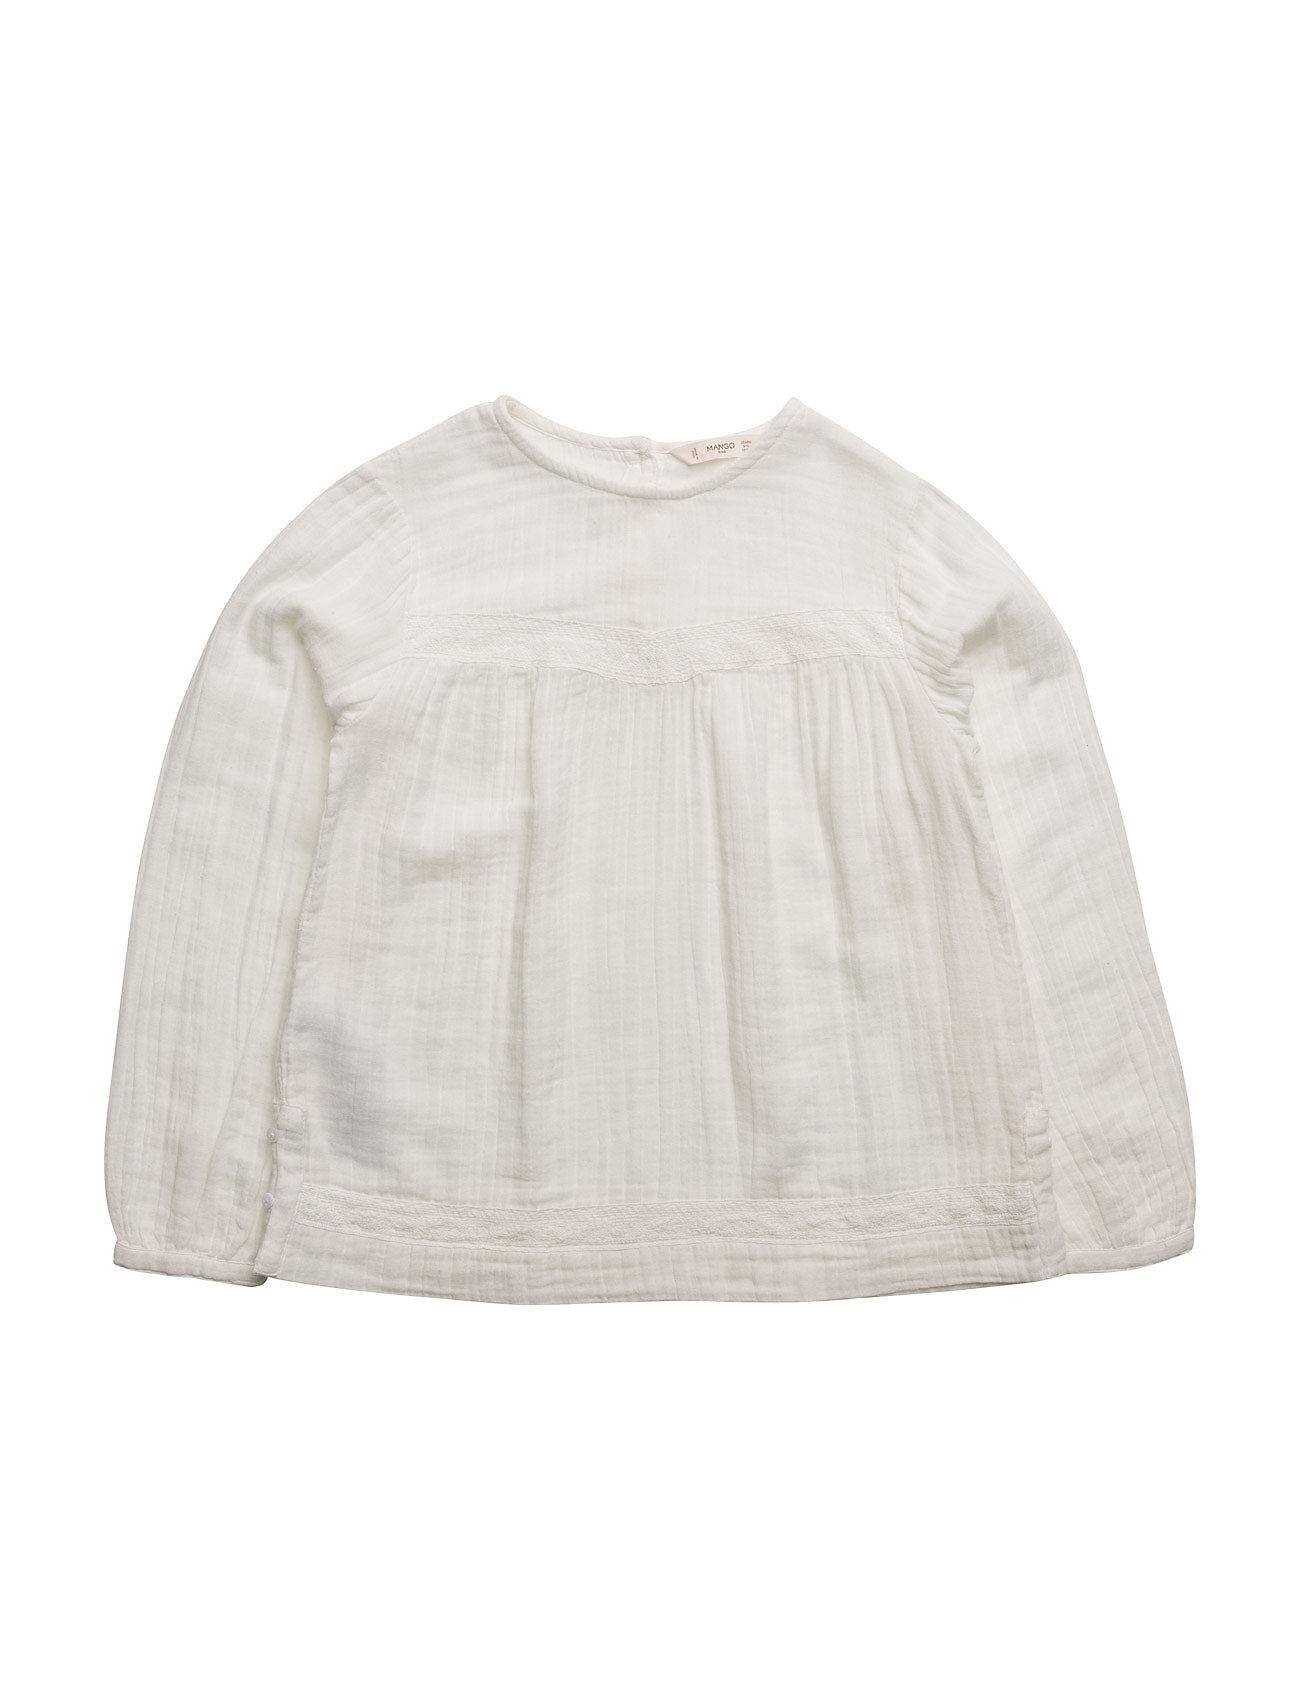 mango kids Textured cotton shirt på boozt.com dk